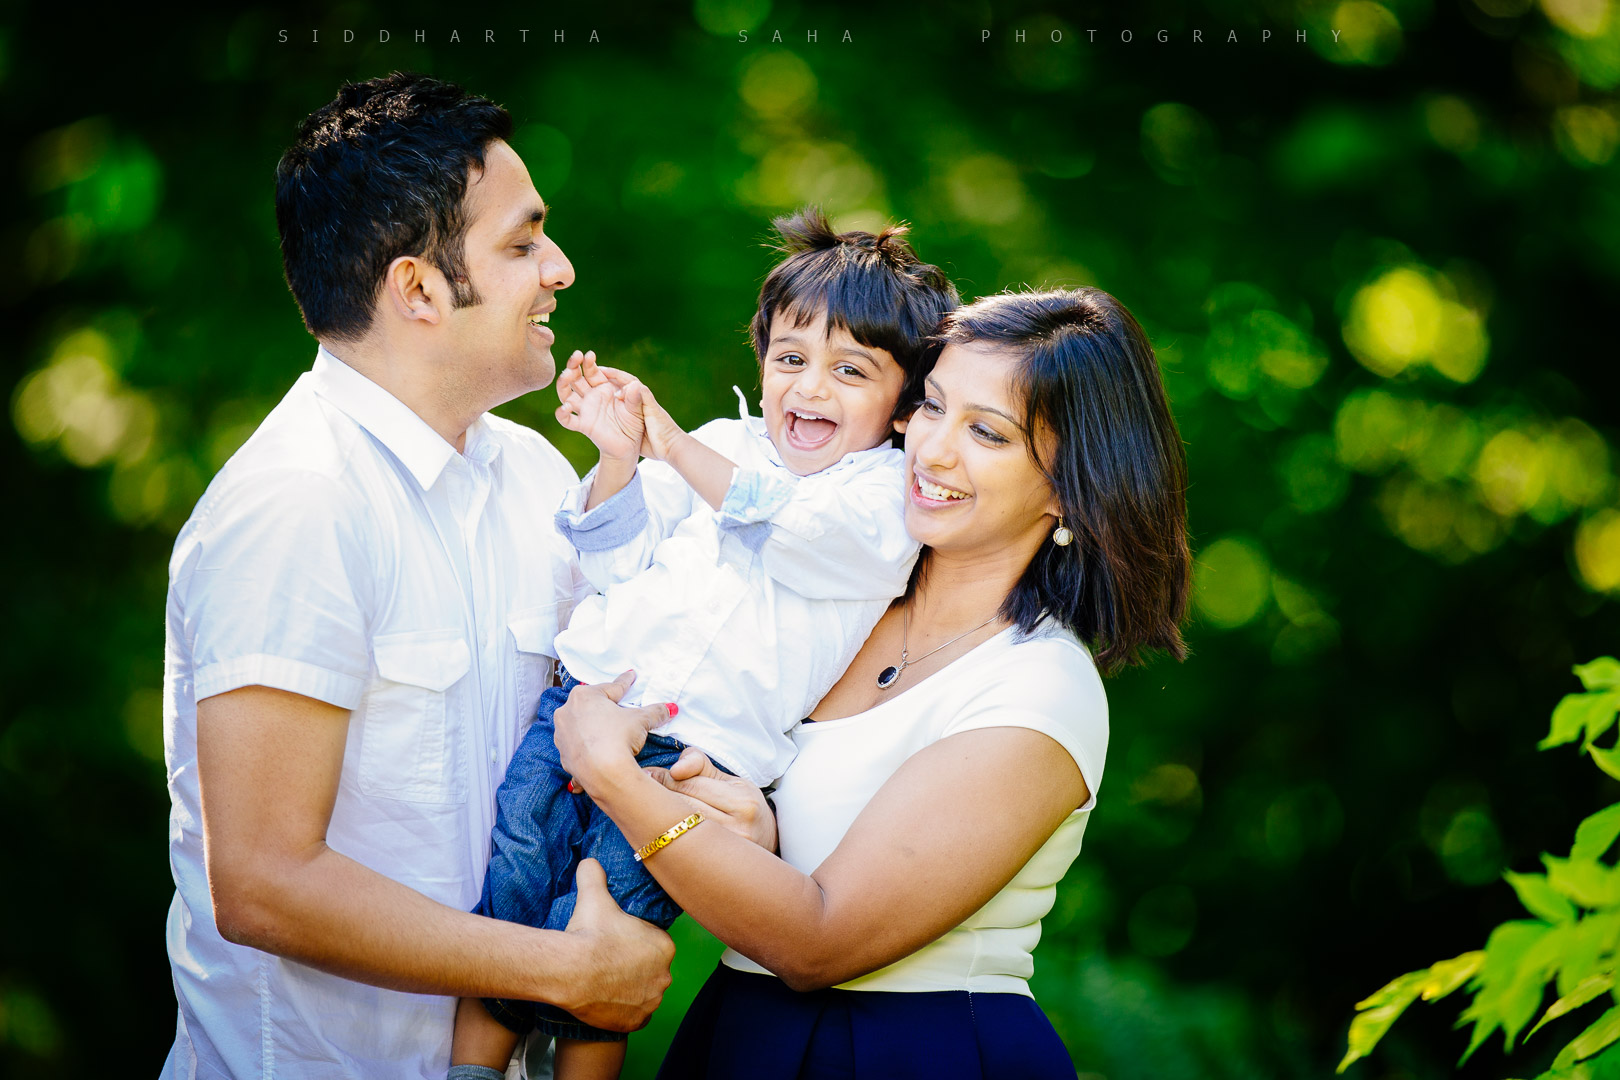 2015-06-14 - Ranjani Naveen Vihaan Photoshoot - _05Y6499